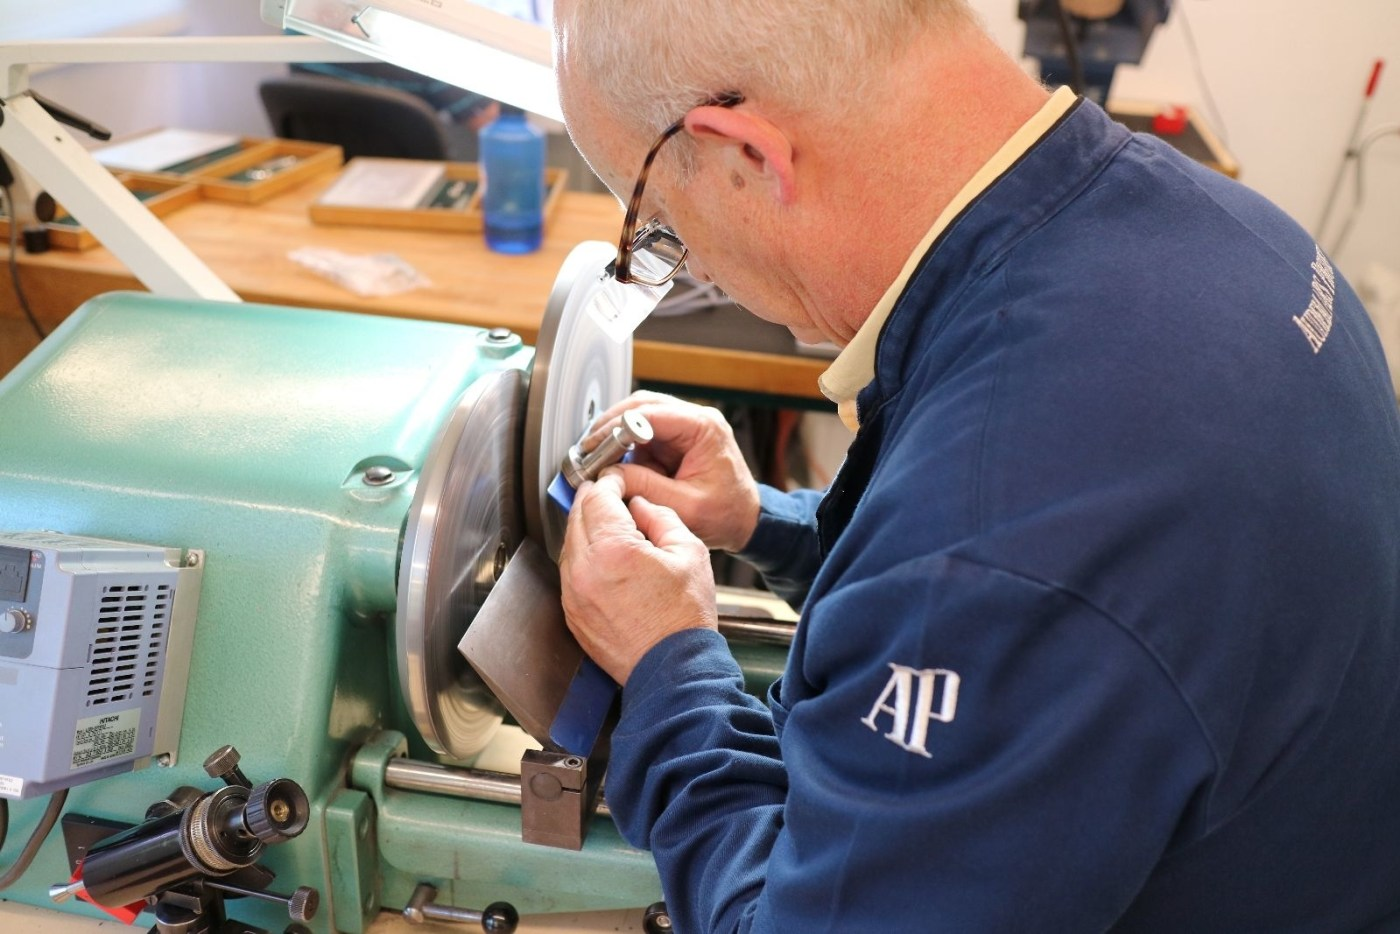 Audemars Piguet's US Service CenterRoyal Oak factory service